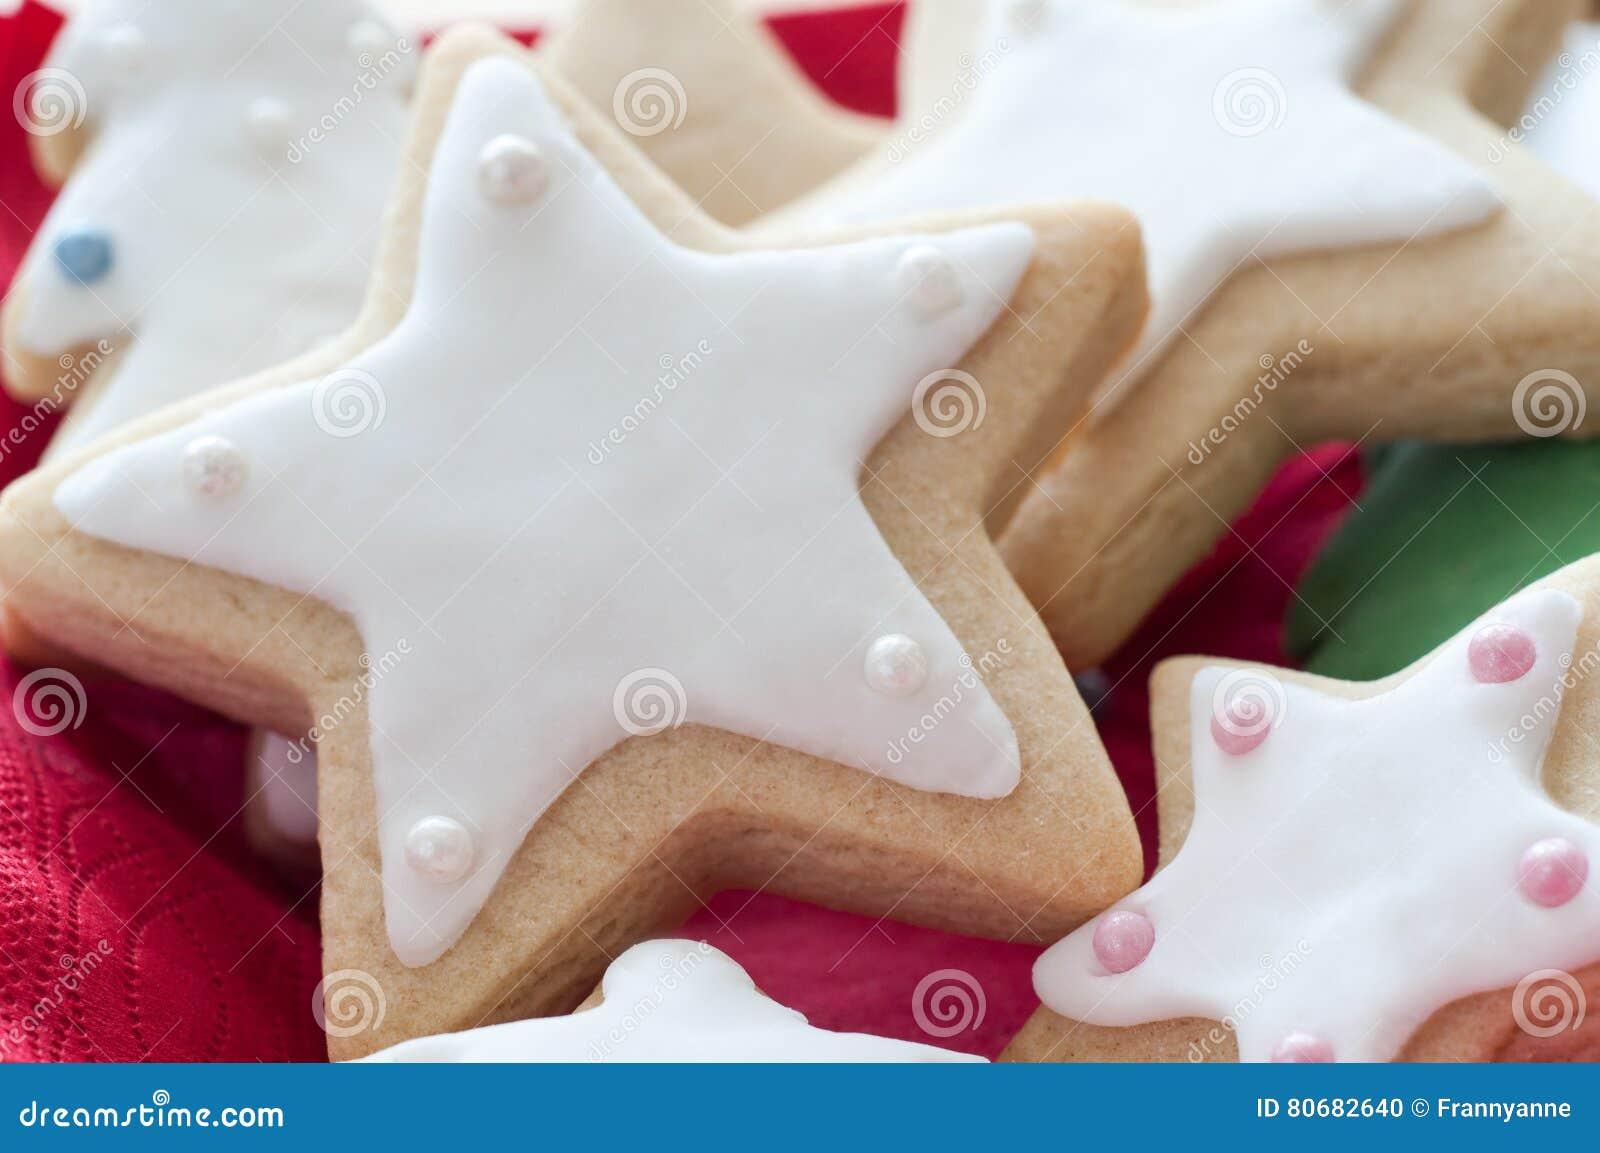 Tovaglioli A Forma Di Stella Di Natale.Biscotti A Forma Di Stella Di Natale Con Glassa Bianca Fotografia